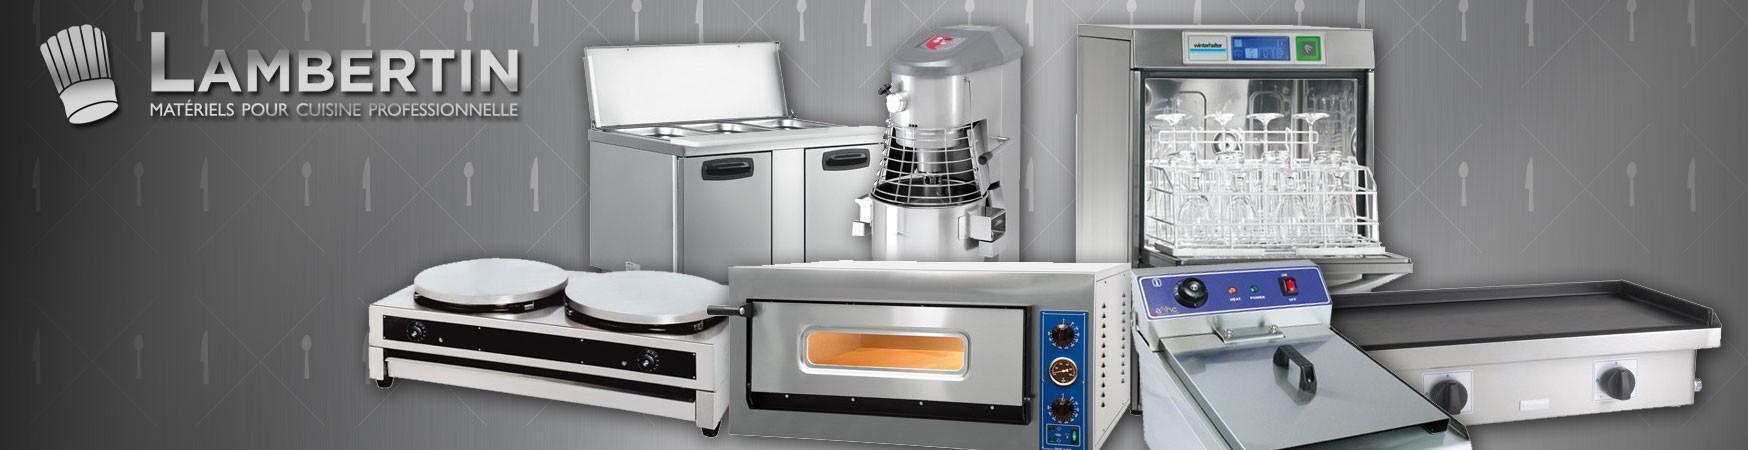 110e1e31 0c1f 487e 9028 3e811c005225 page activite for Boutique materiel cuisine